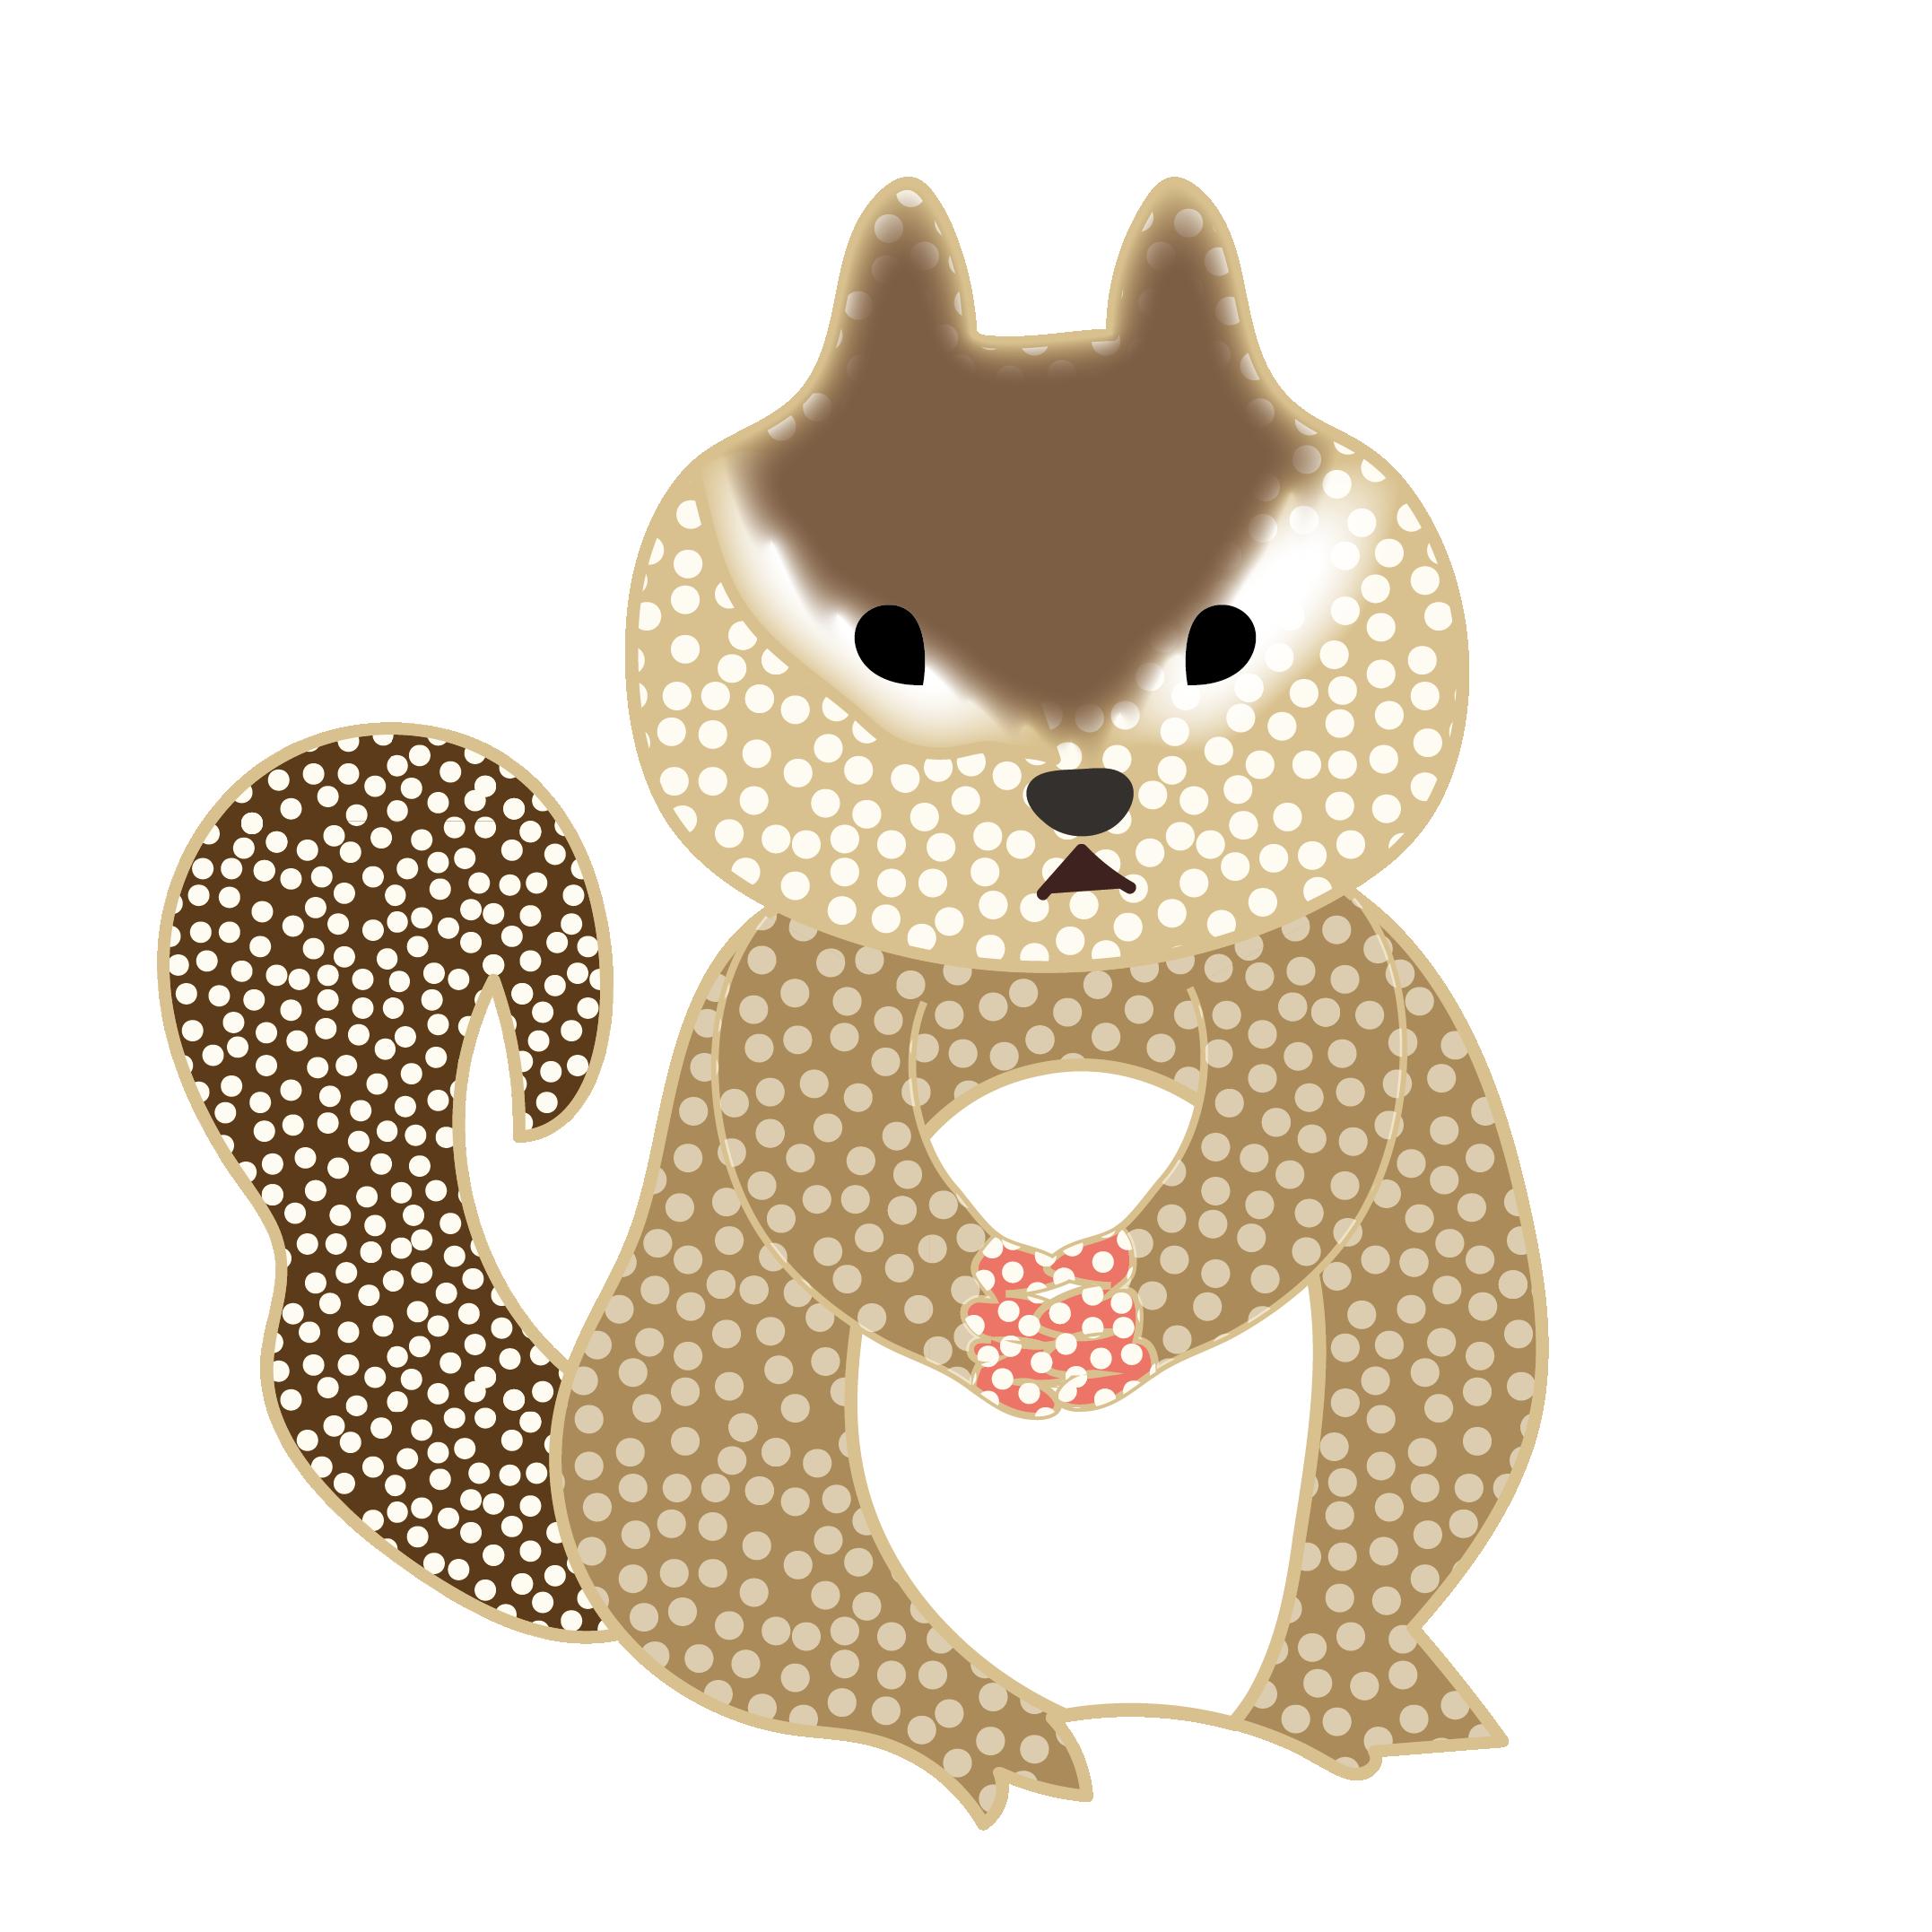 オシャレでかわいいリス栗鼠りすの 無料 イラスト